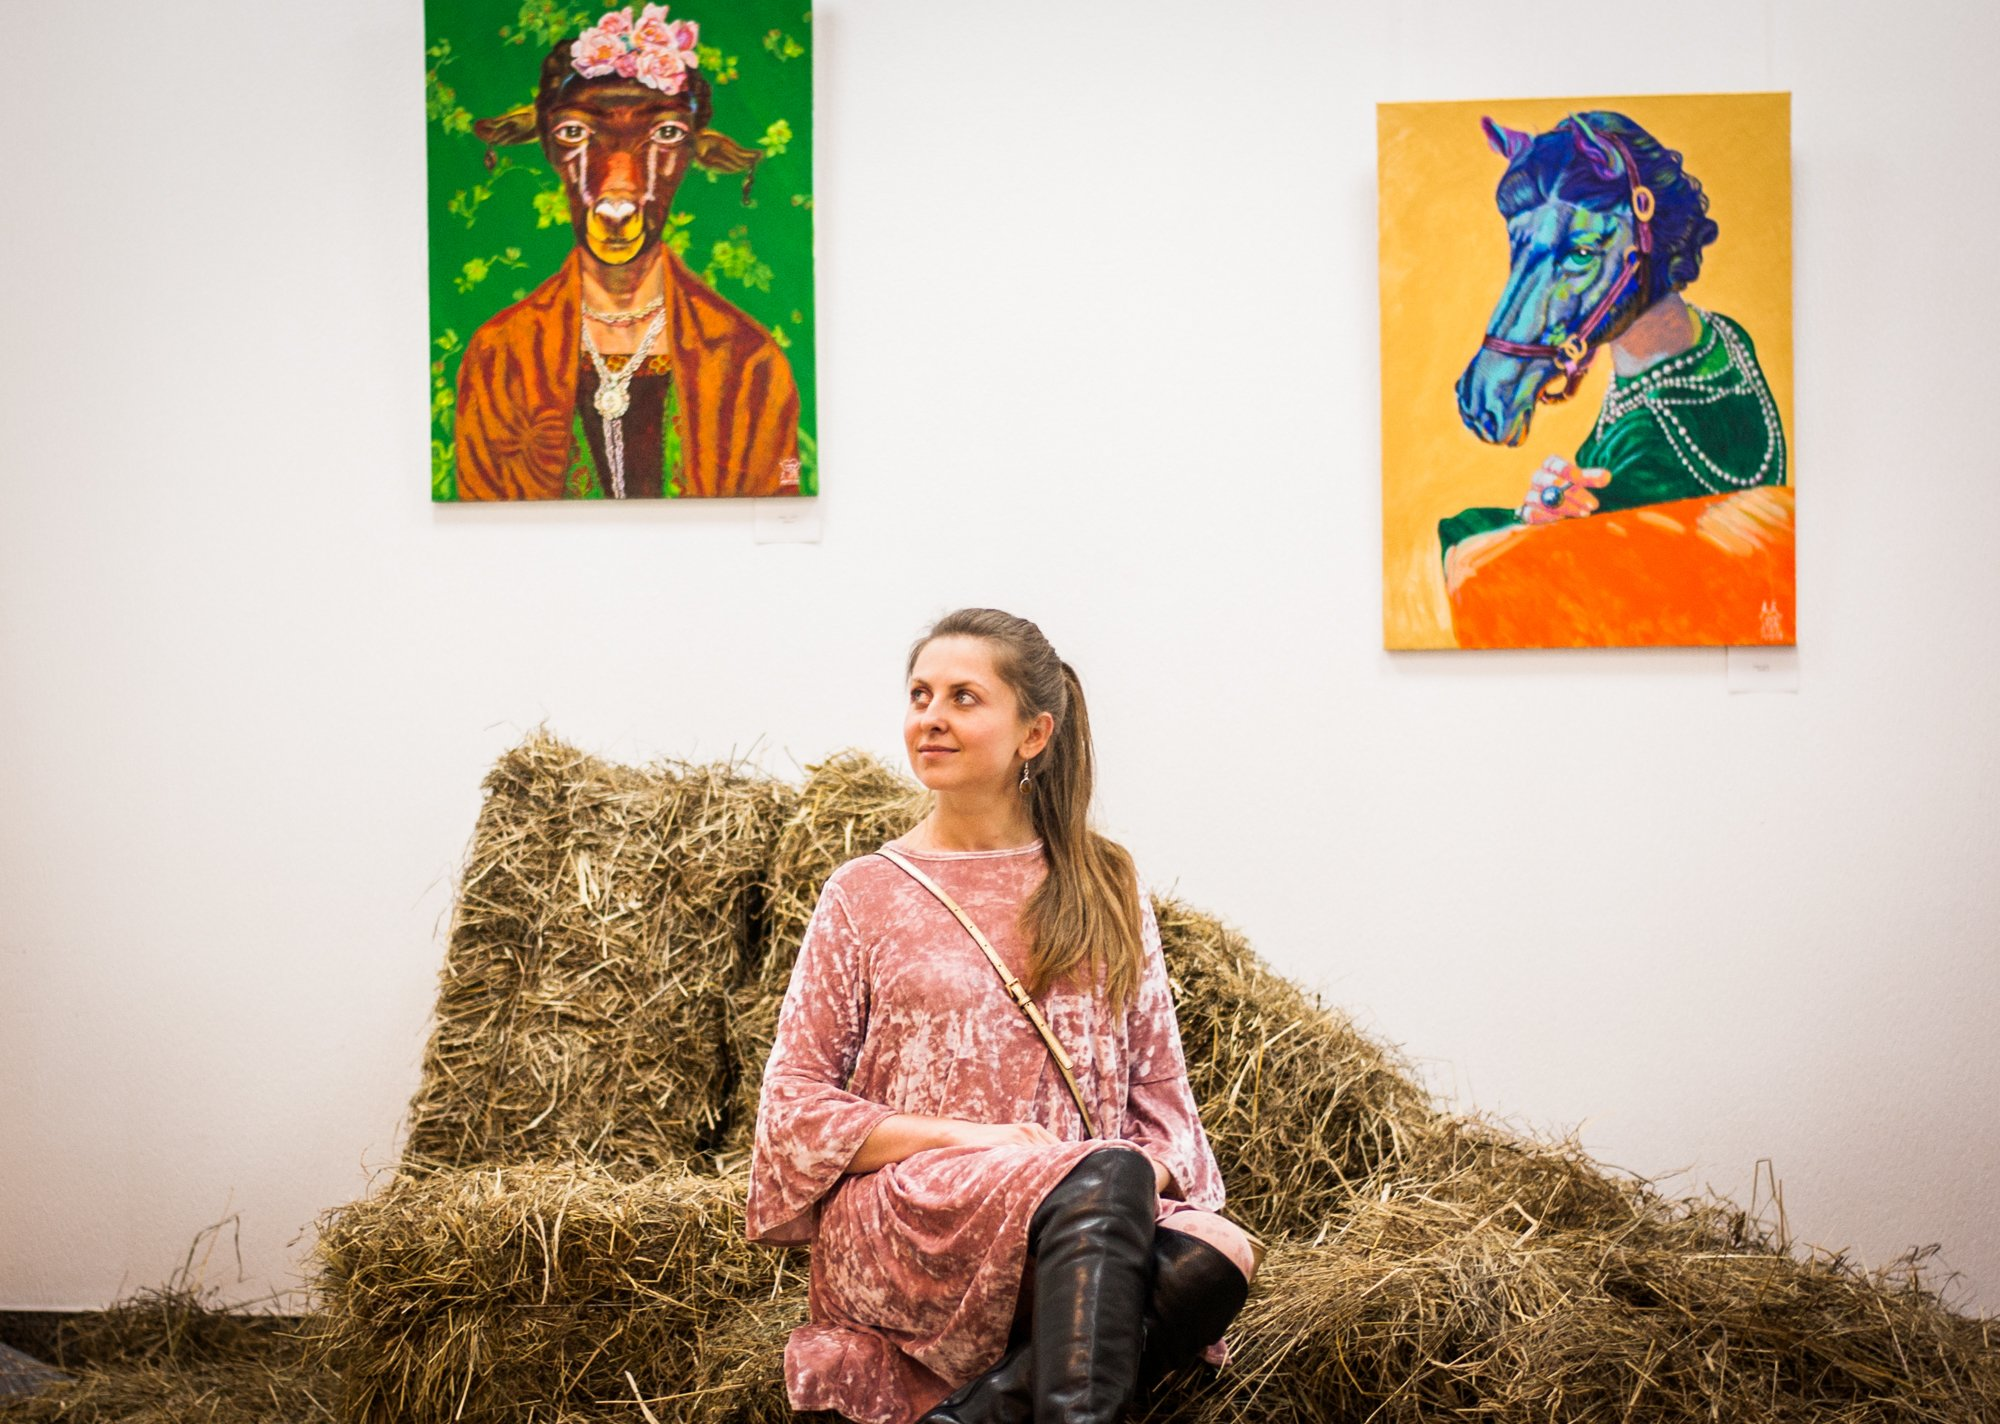 Перевоплощение, ассоциации и немного мистики - как Kyivmaps познакомились с талантливой украинской художницей